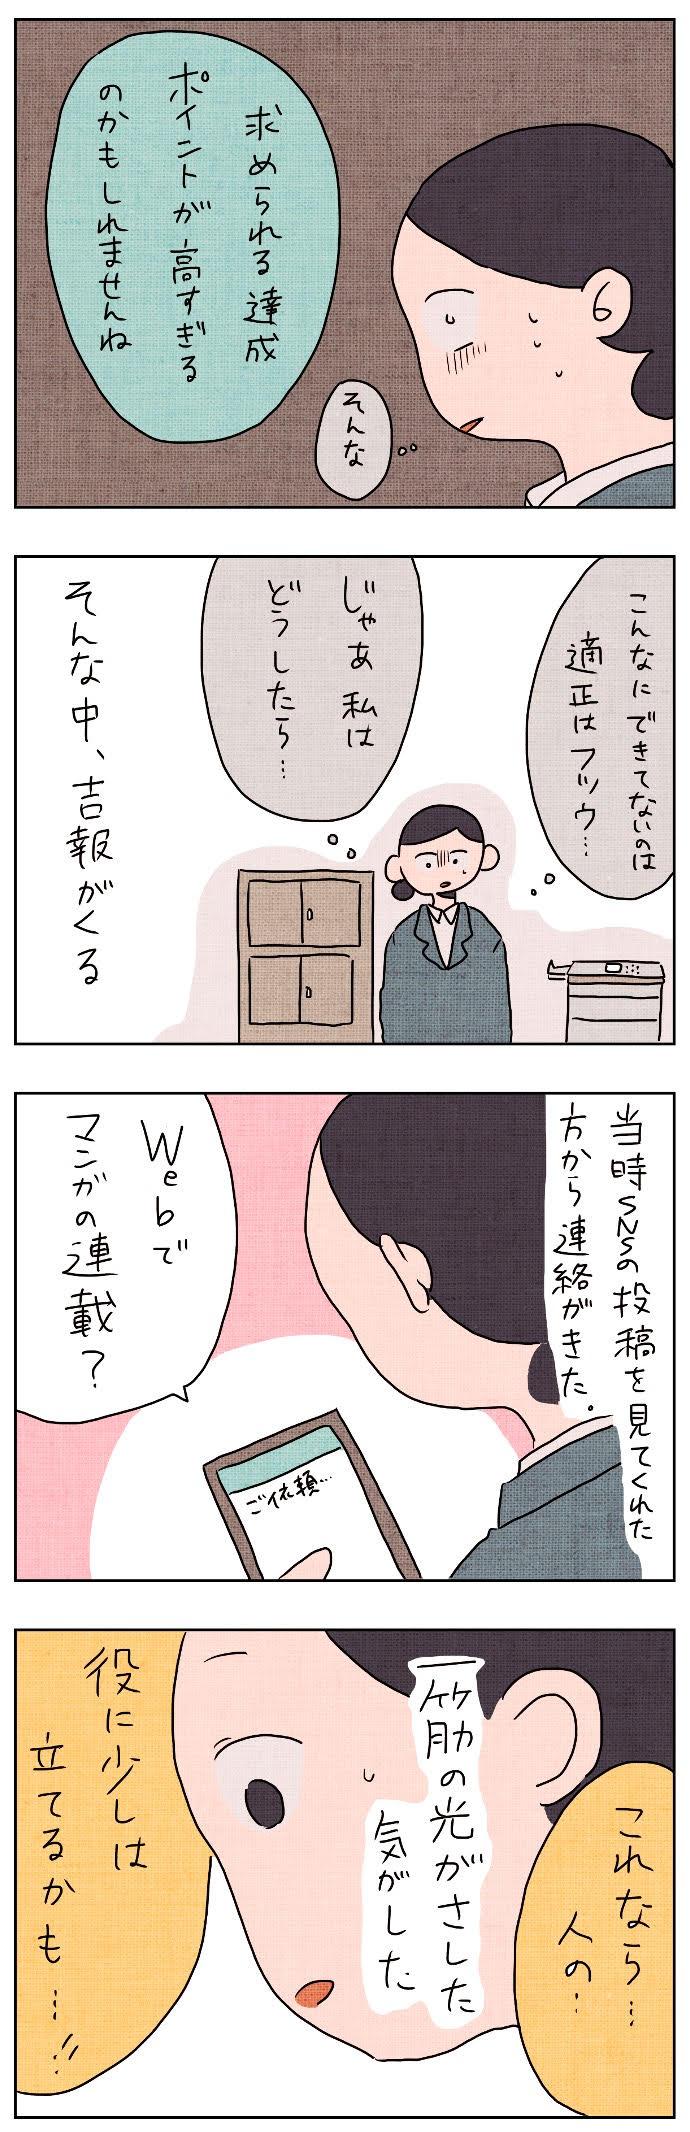 【連載】ママでも夢見ていいですか?~4児の母の挑戦記録~第8話2